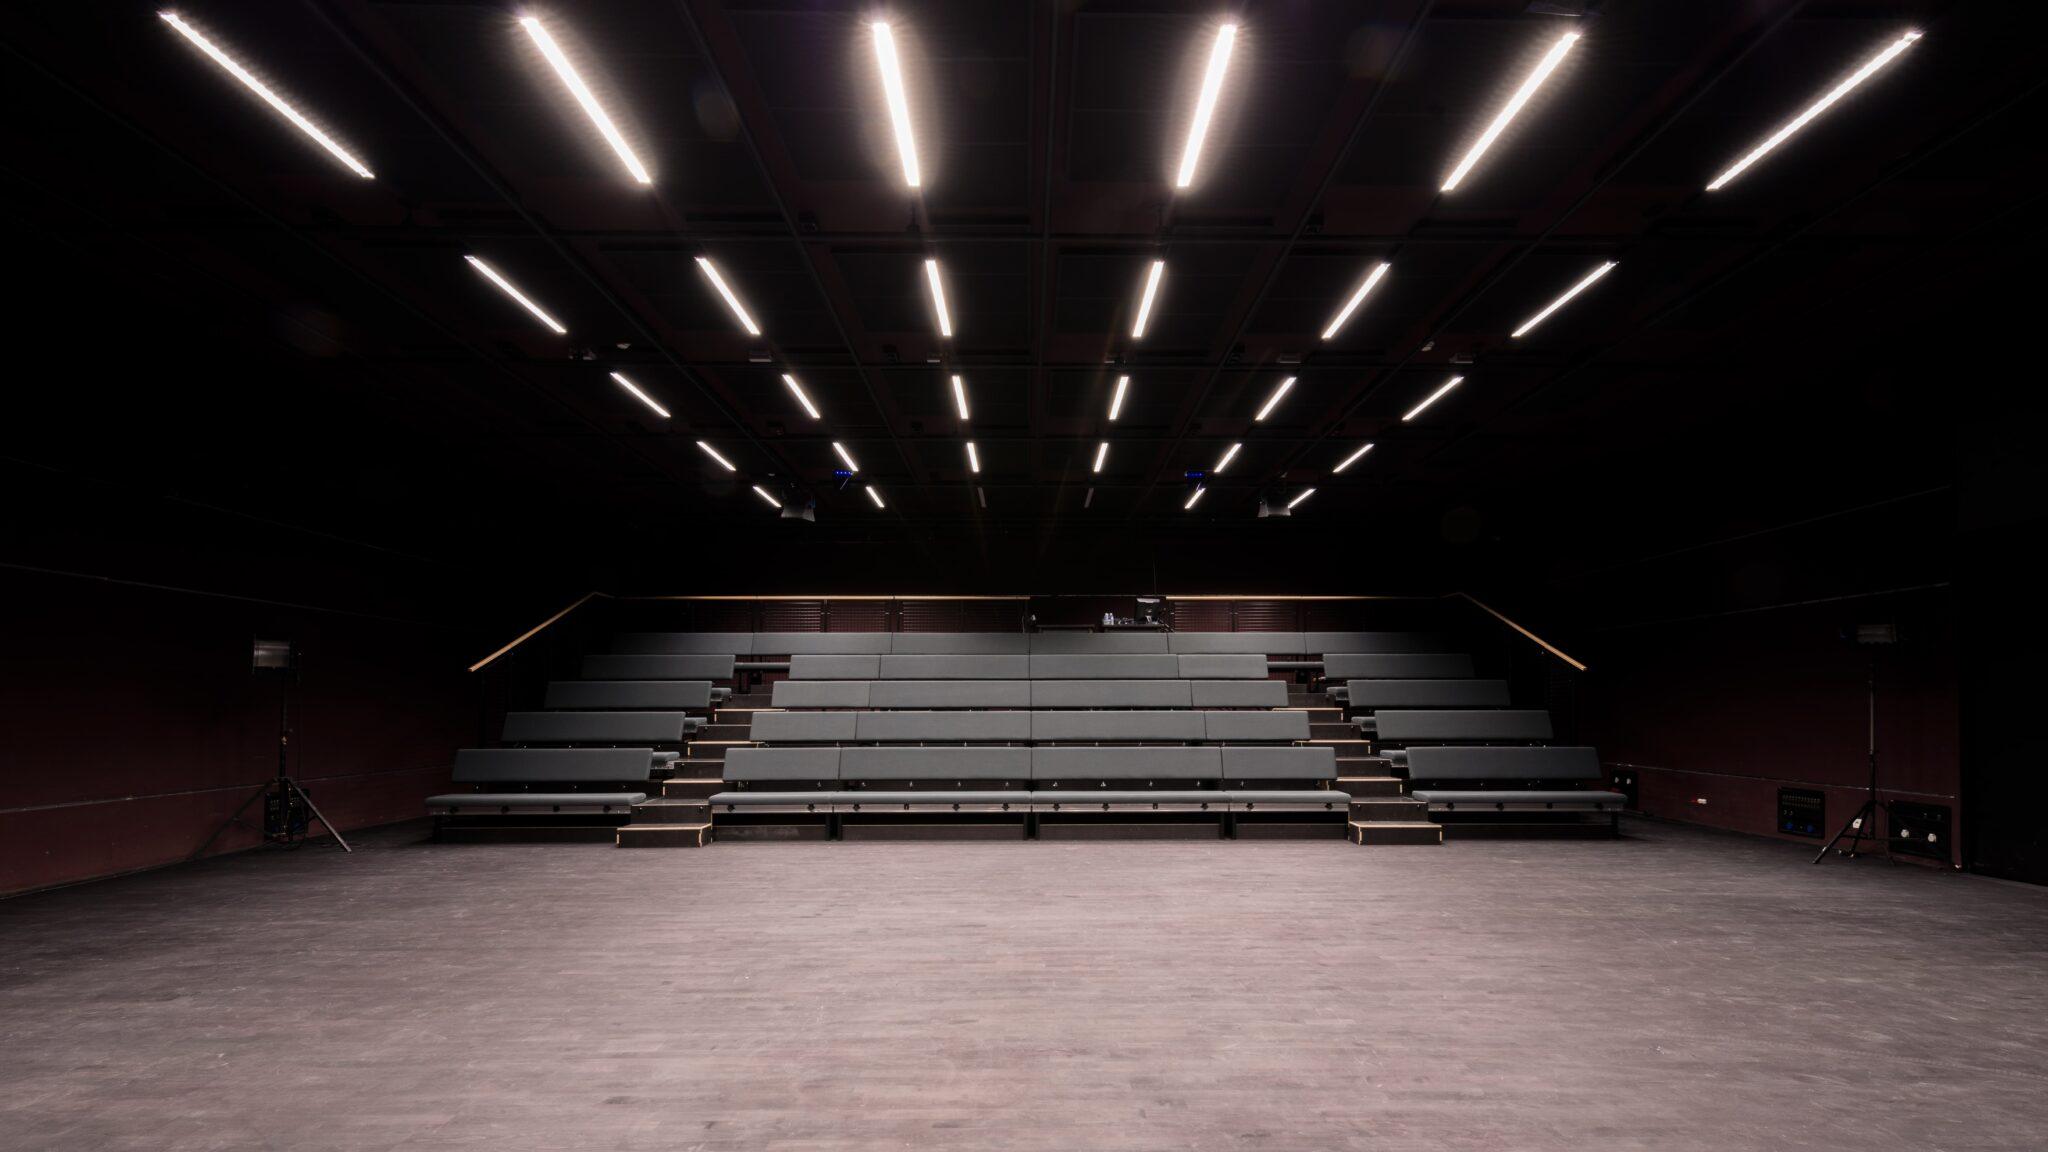 Luminaire encastrés dans le Théâtre de la Minoterie